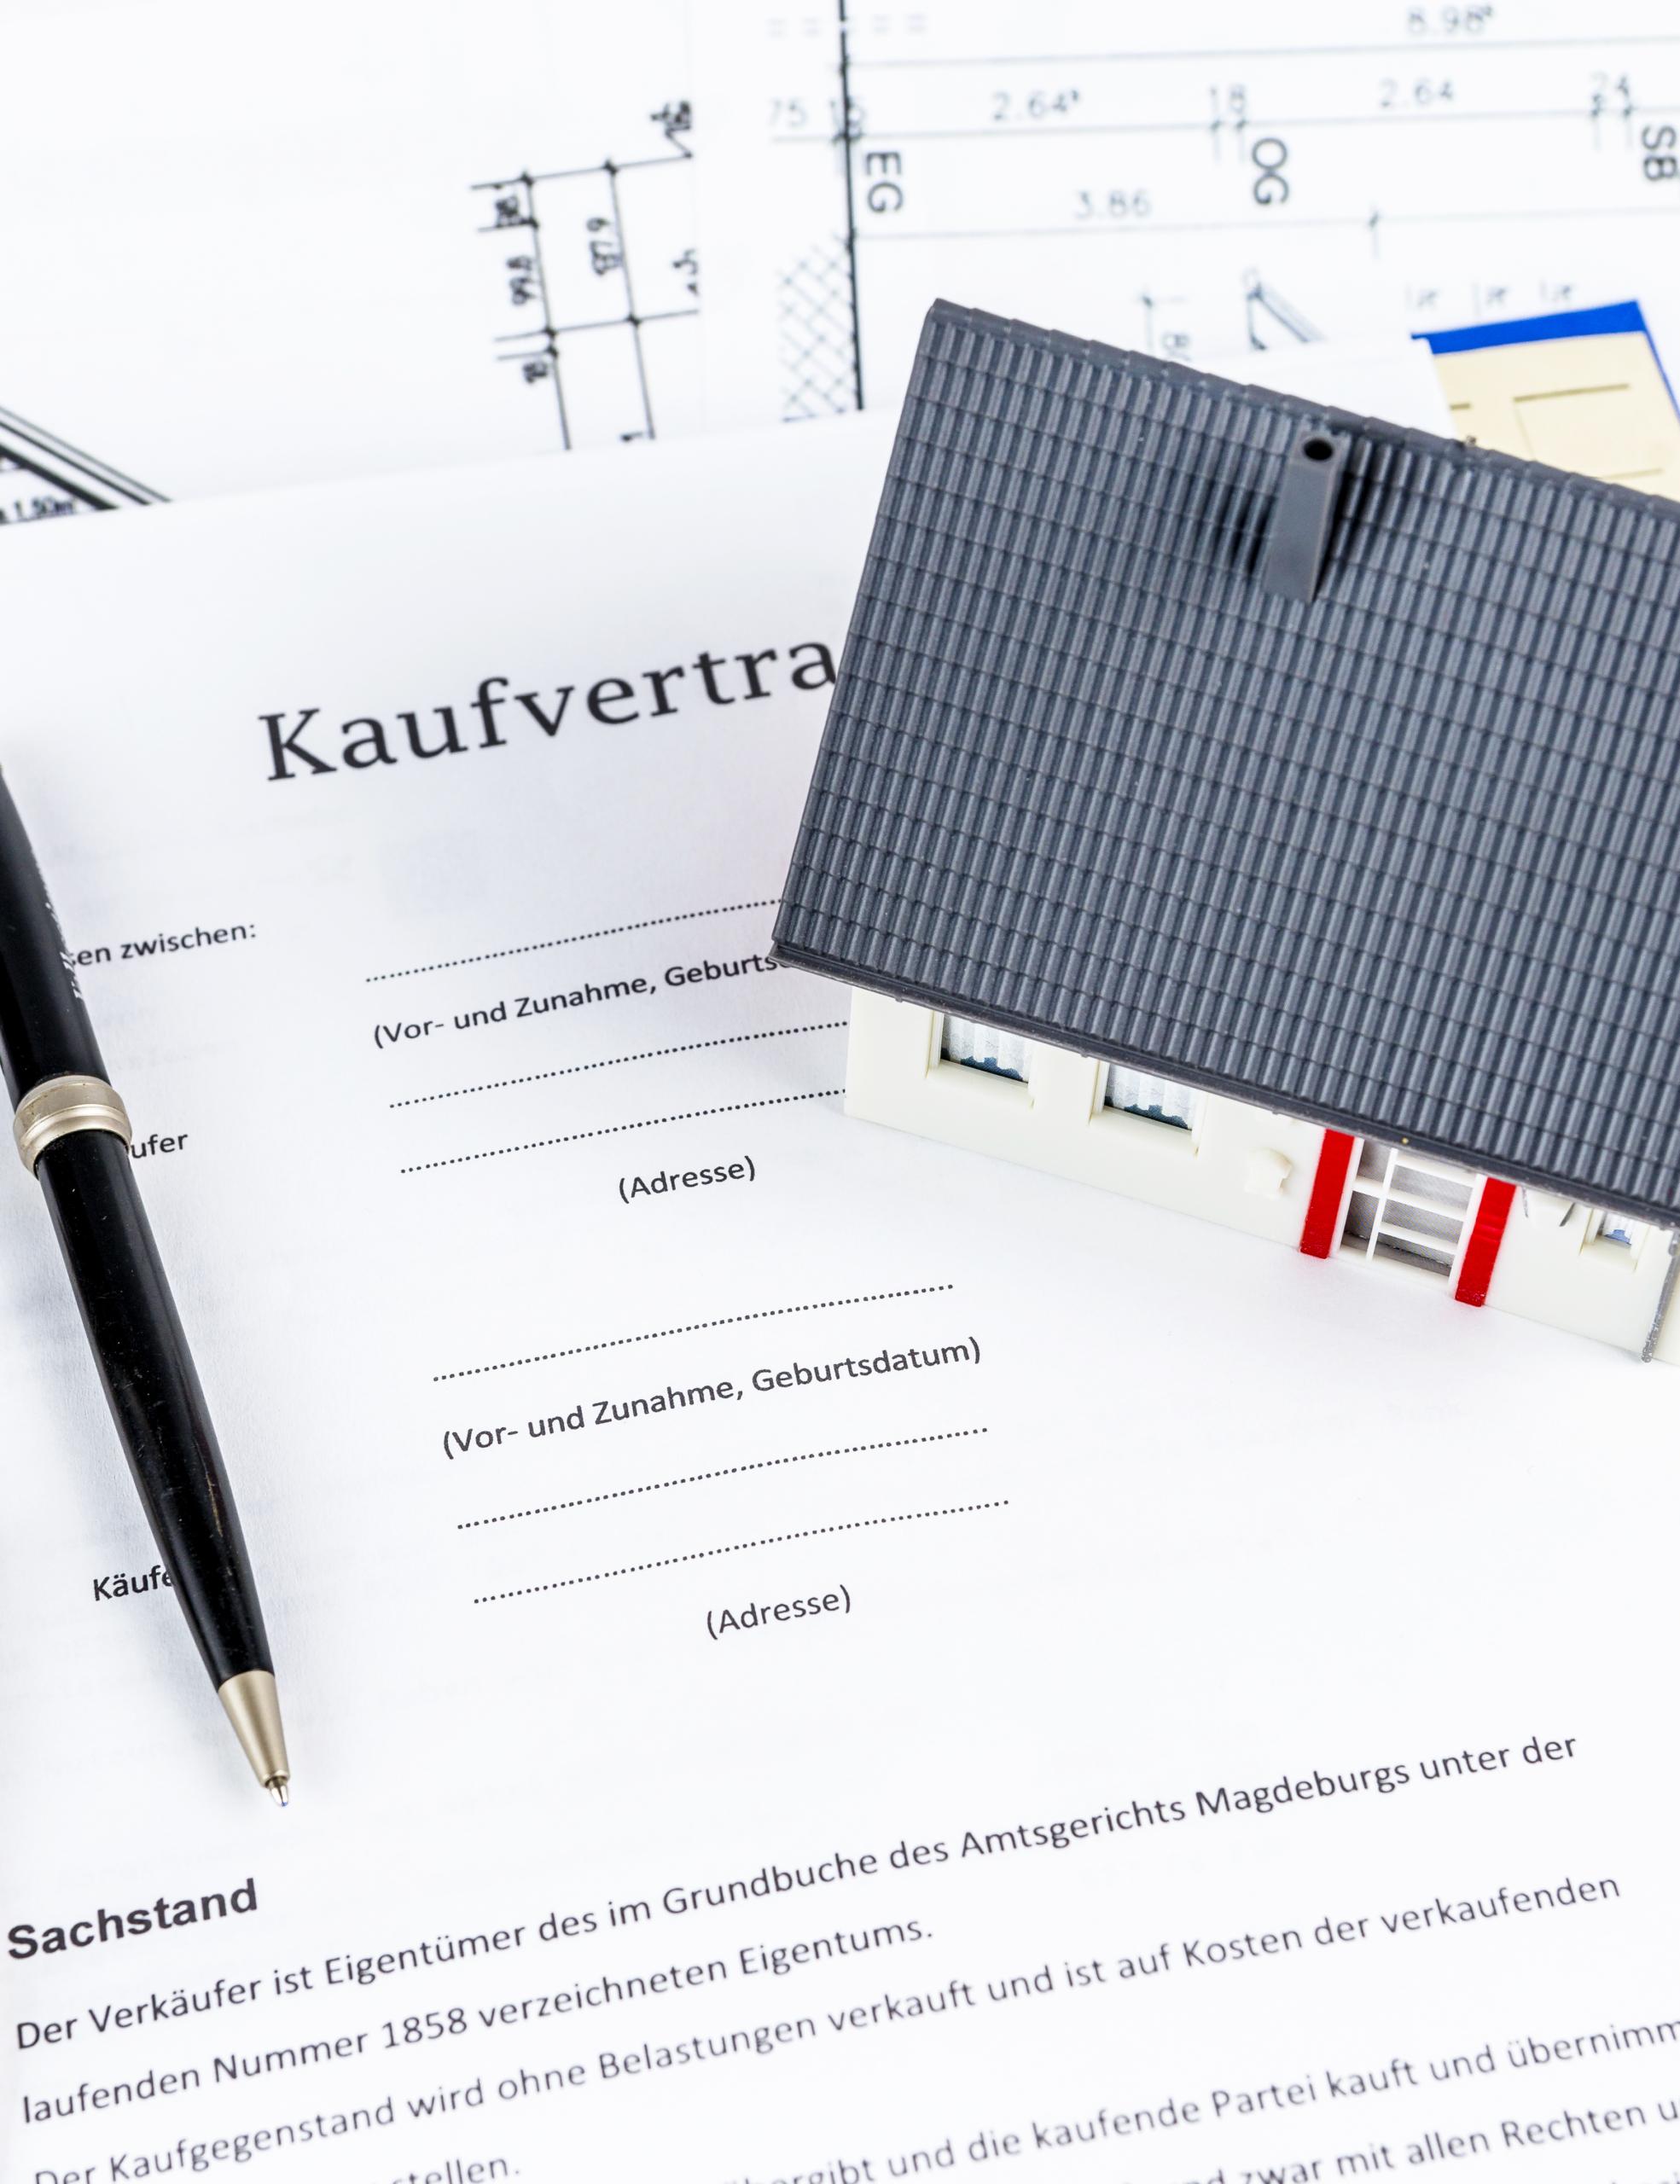 """5. Tipp zur Immobilienrettung: Anwaltliche Prüfung von Angeboten zur """"Immobilienrettung"""""""